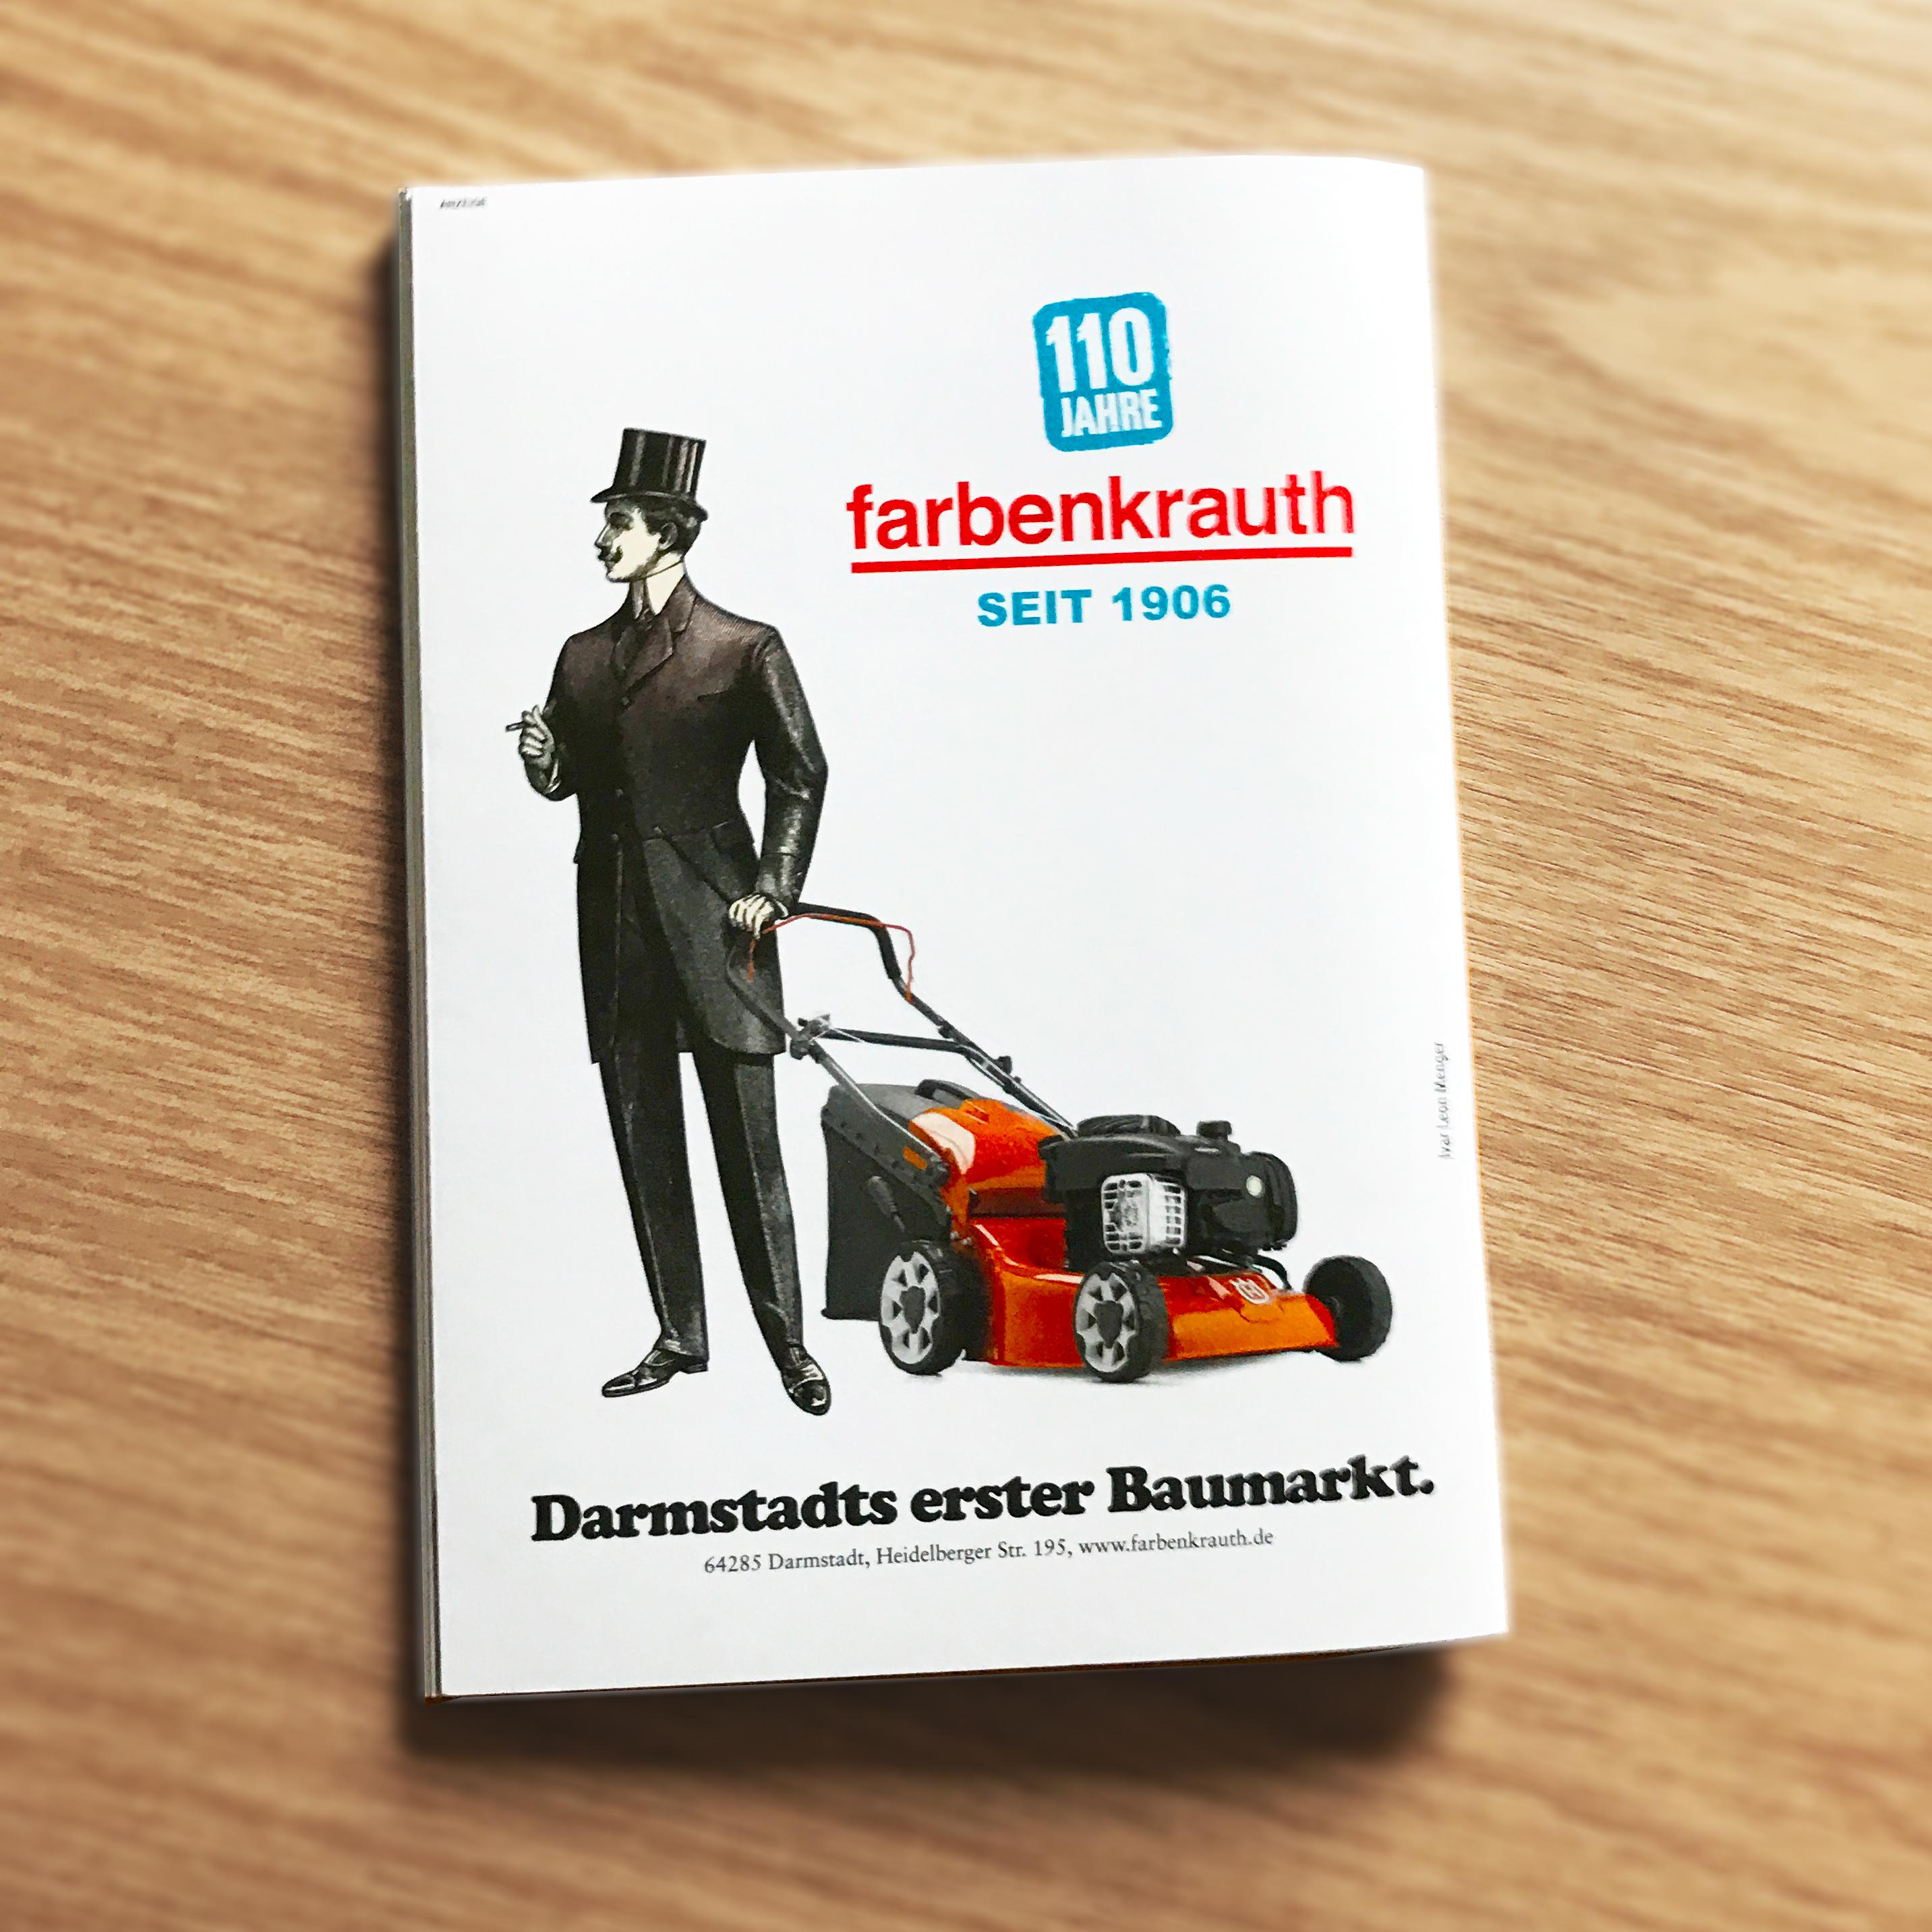 Farbenkrauth Baumarkt seit 1906